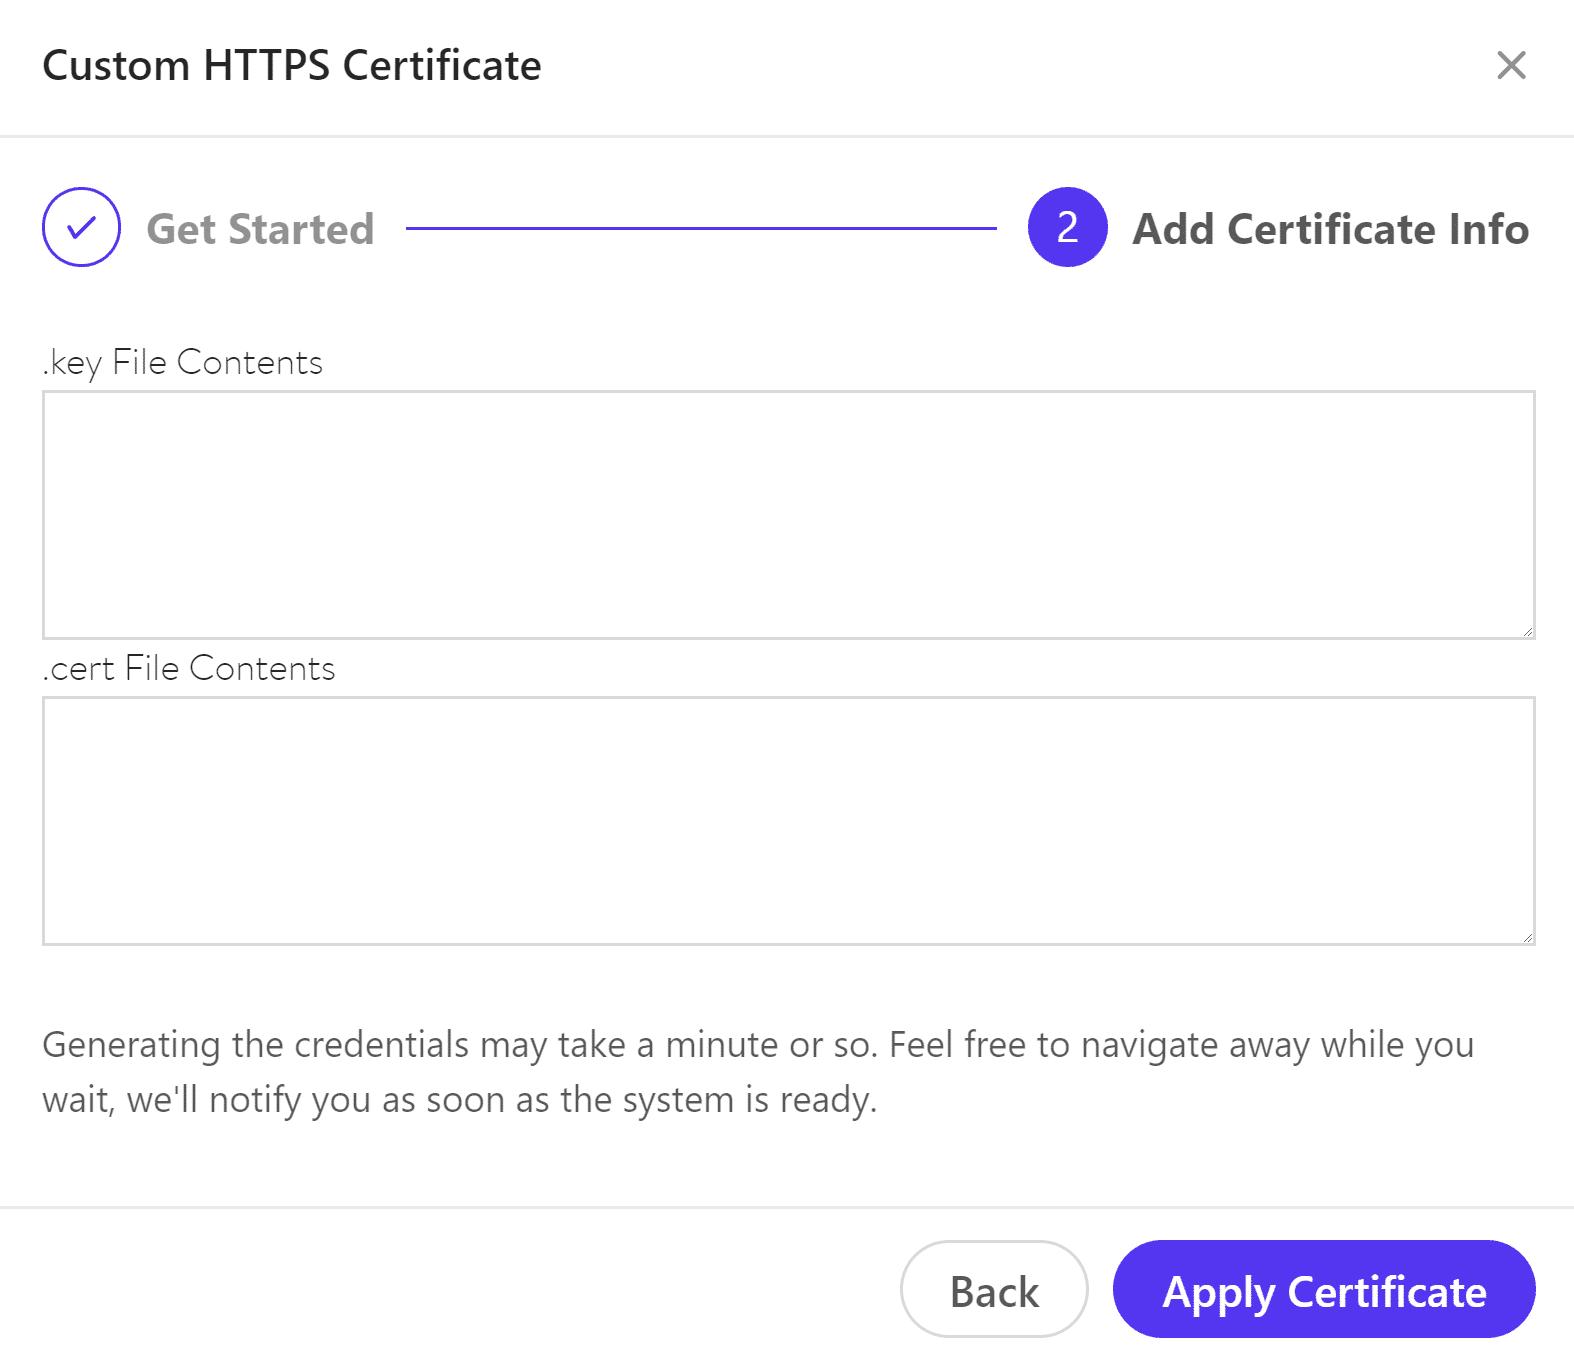 Appliquer le certificat